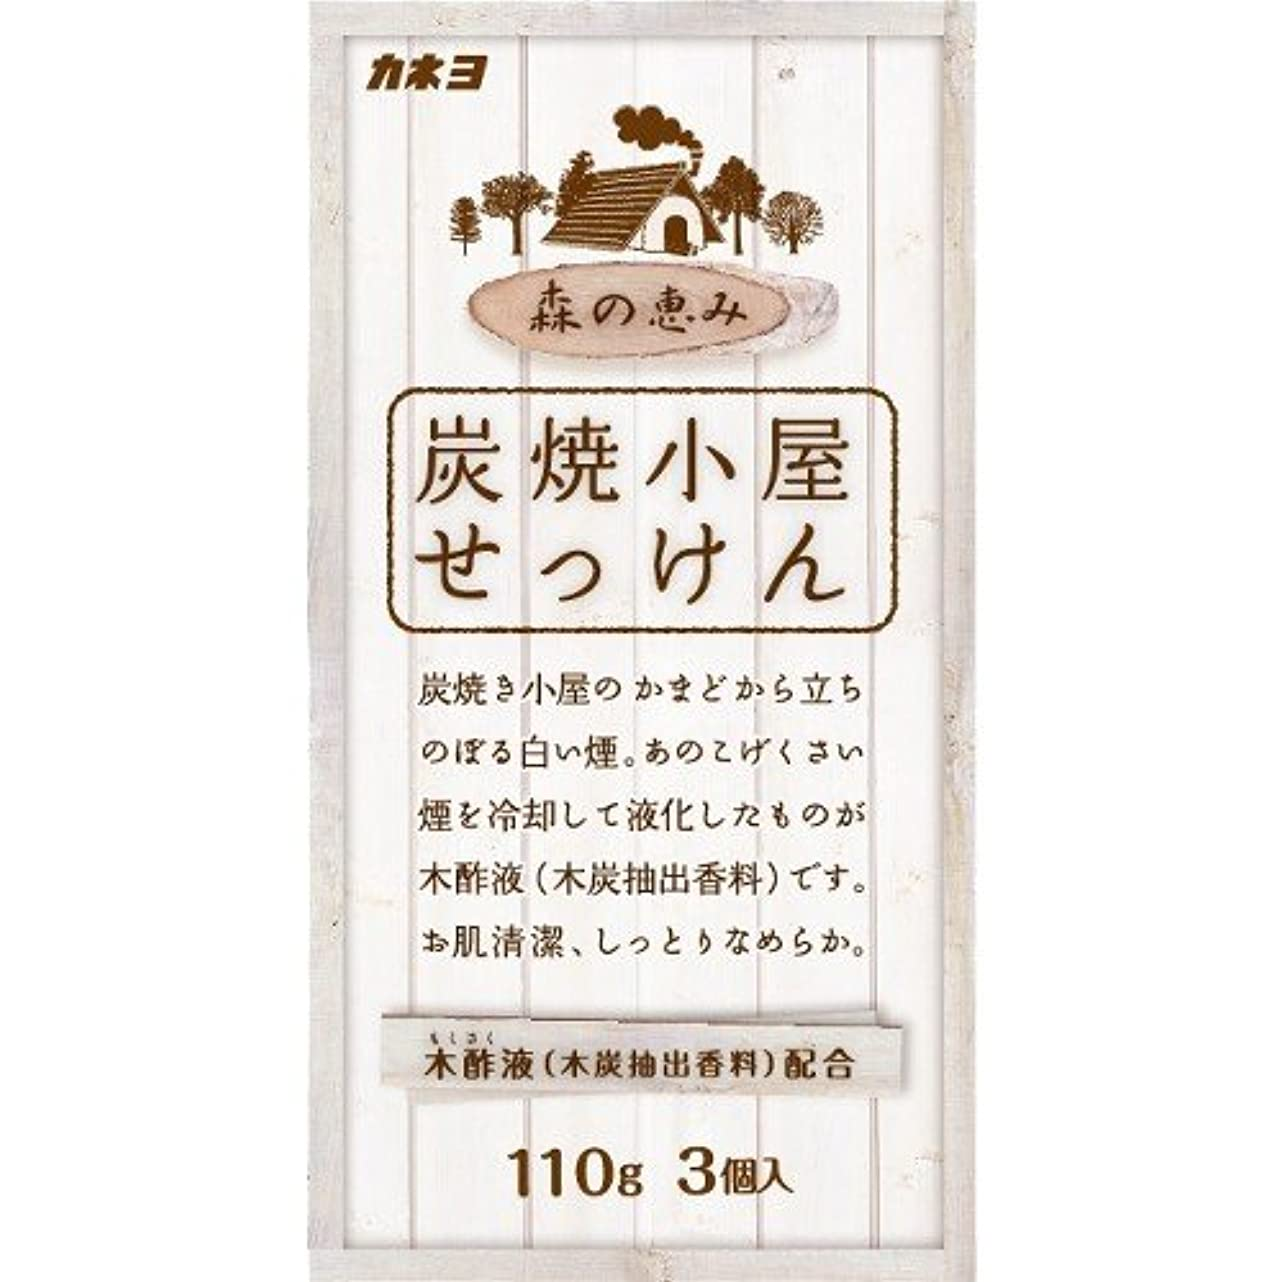 泥だらけ膨らませる多年生カネヨ石鹸 炭焼小屋 化粧石けん 110g×3個入